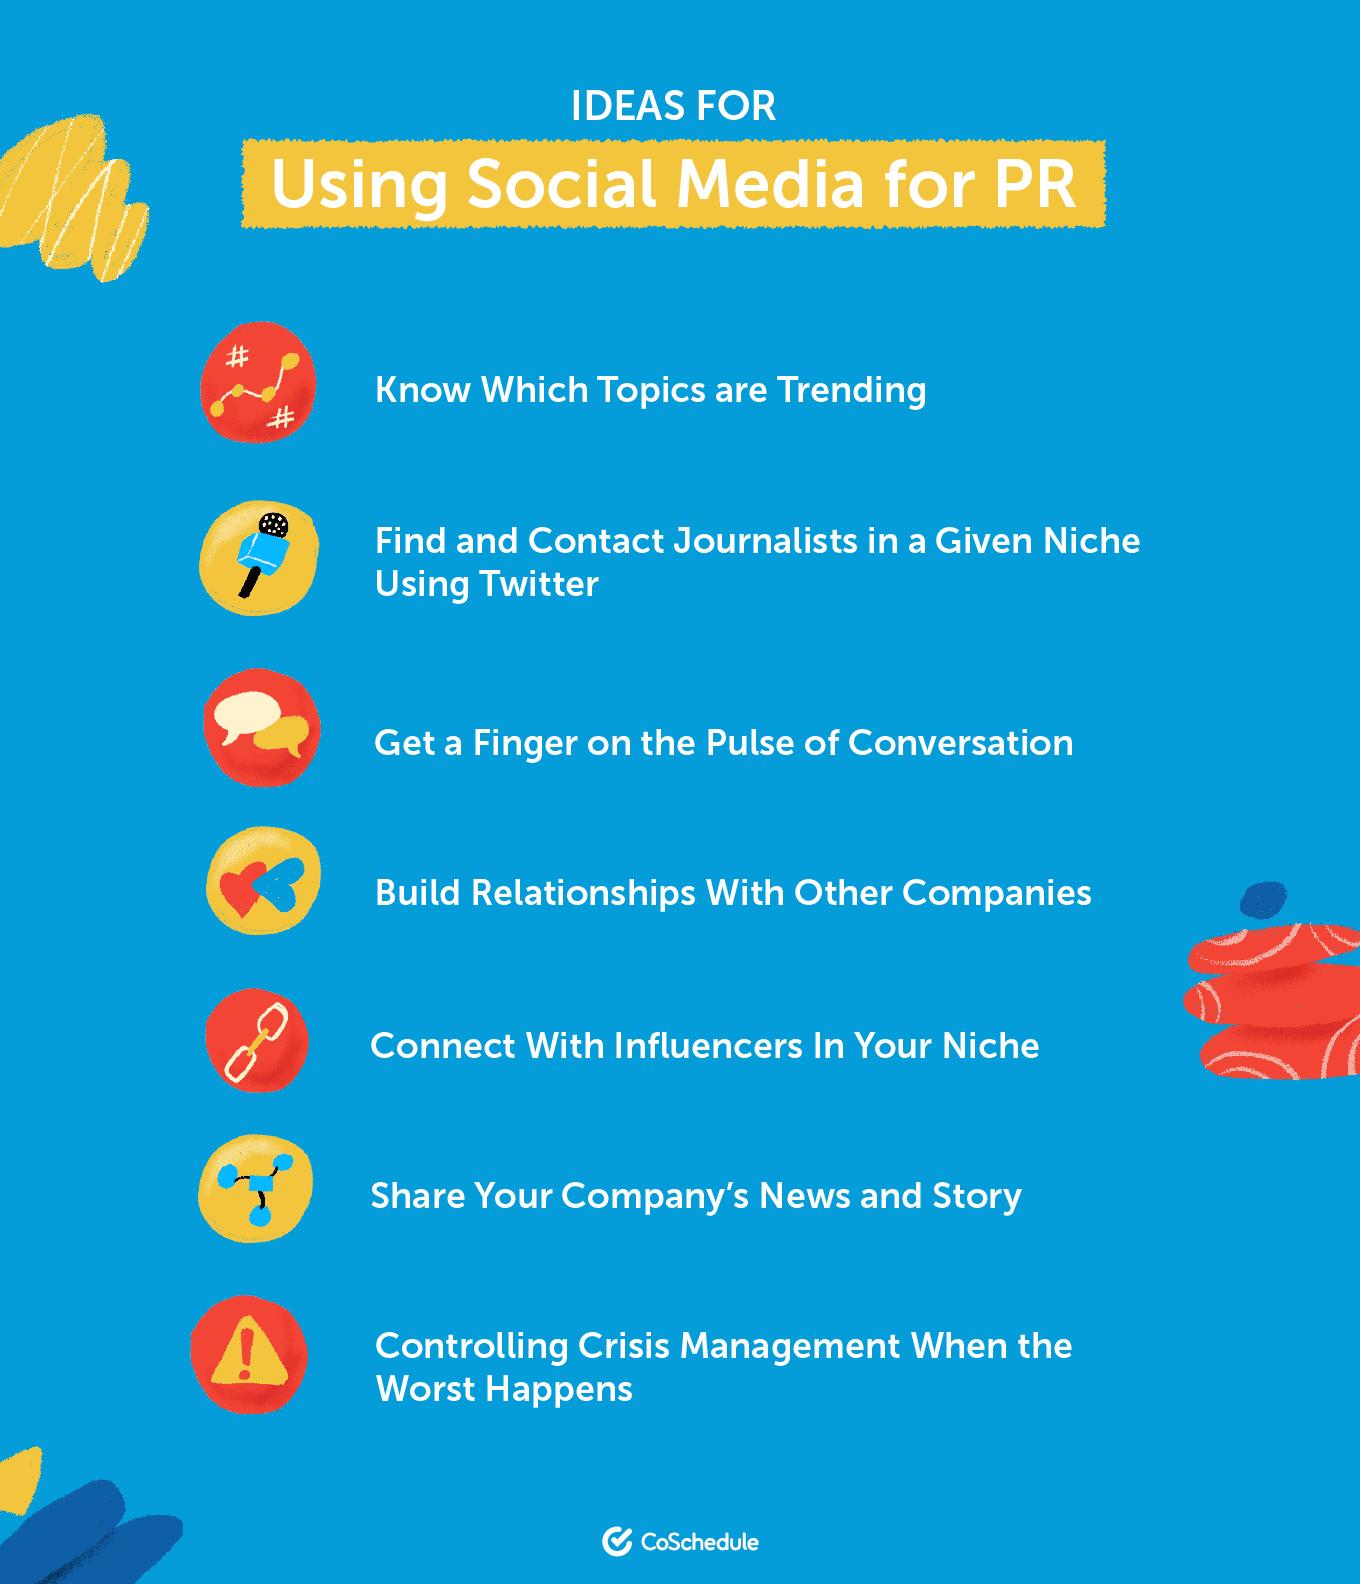 Ideas for using social media for PR